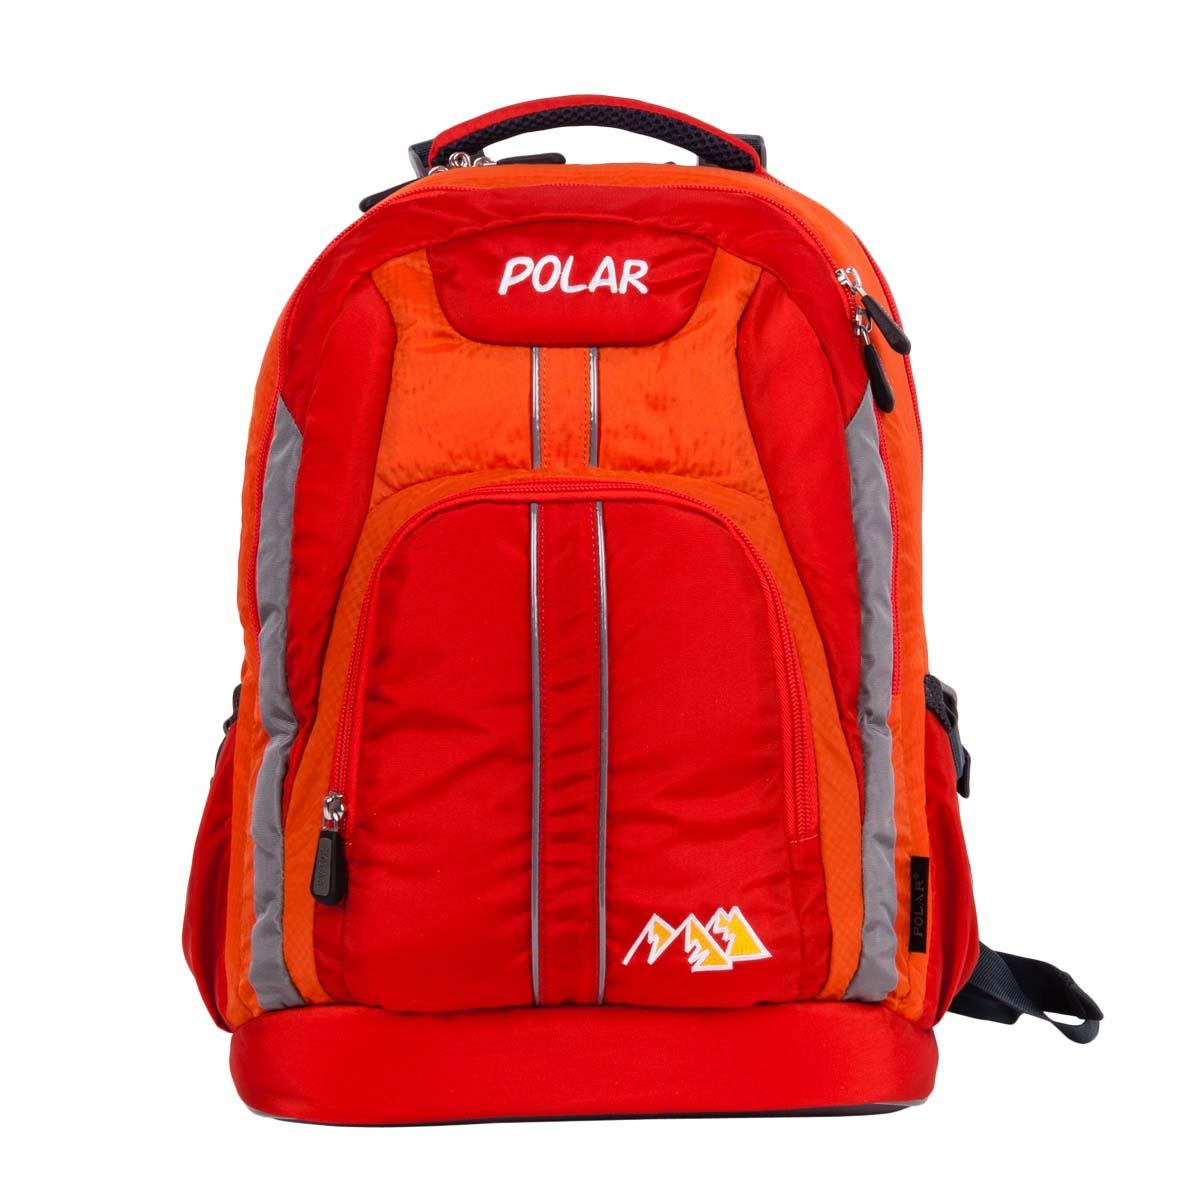 Рюкзак детский городской Polar, 24 л, цвет: оранжевый. П221-02 рюкзак polar polar po001buiqj35